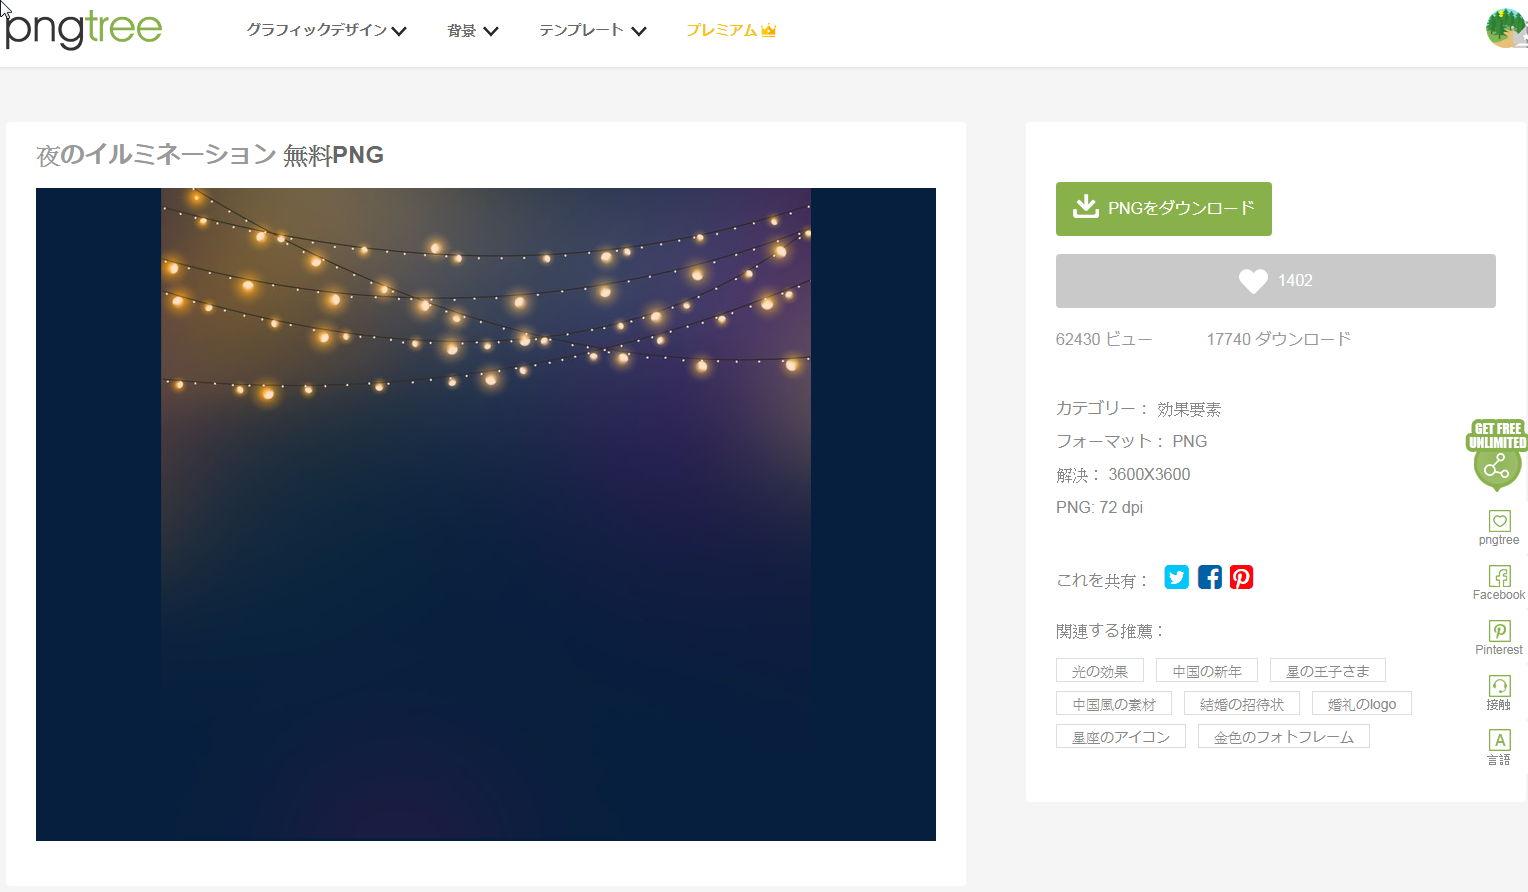 【PNG素材】Pngtree 350万个免去背PNG素材图库免费下载